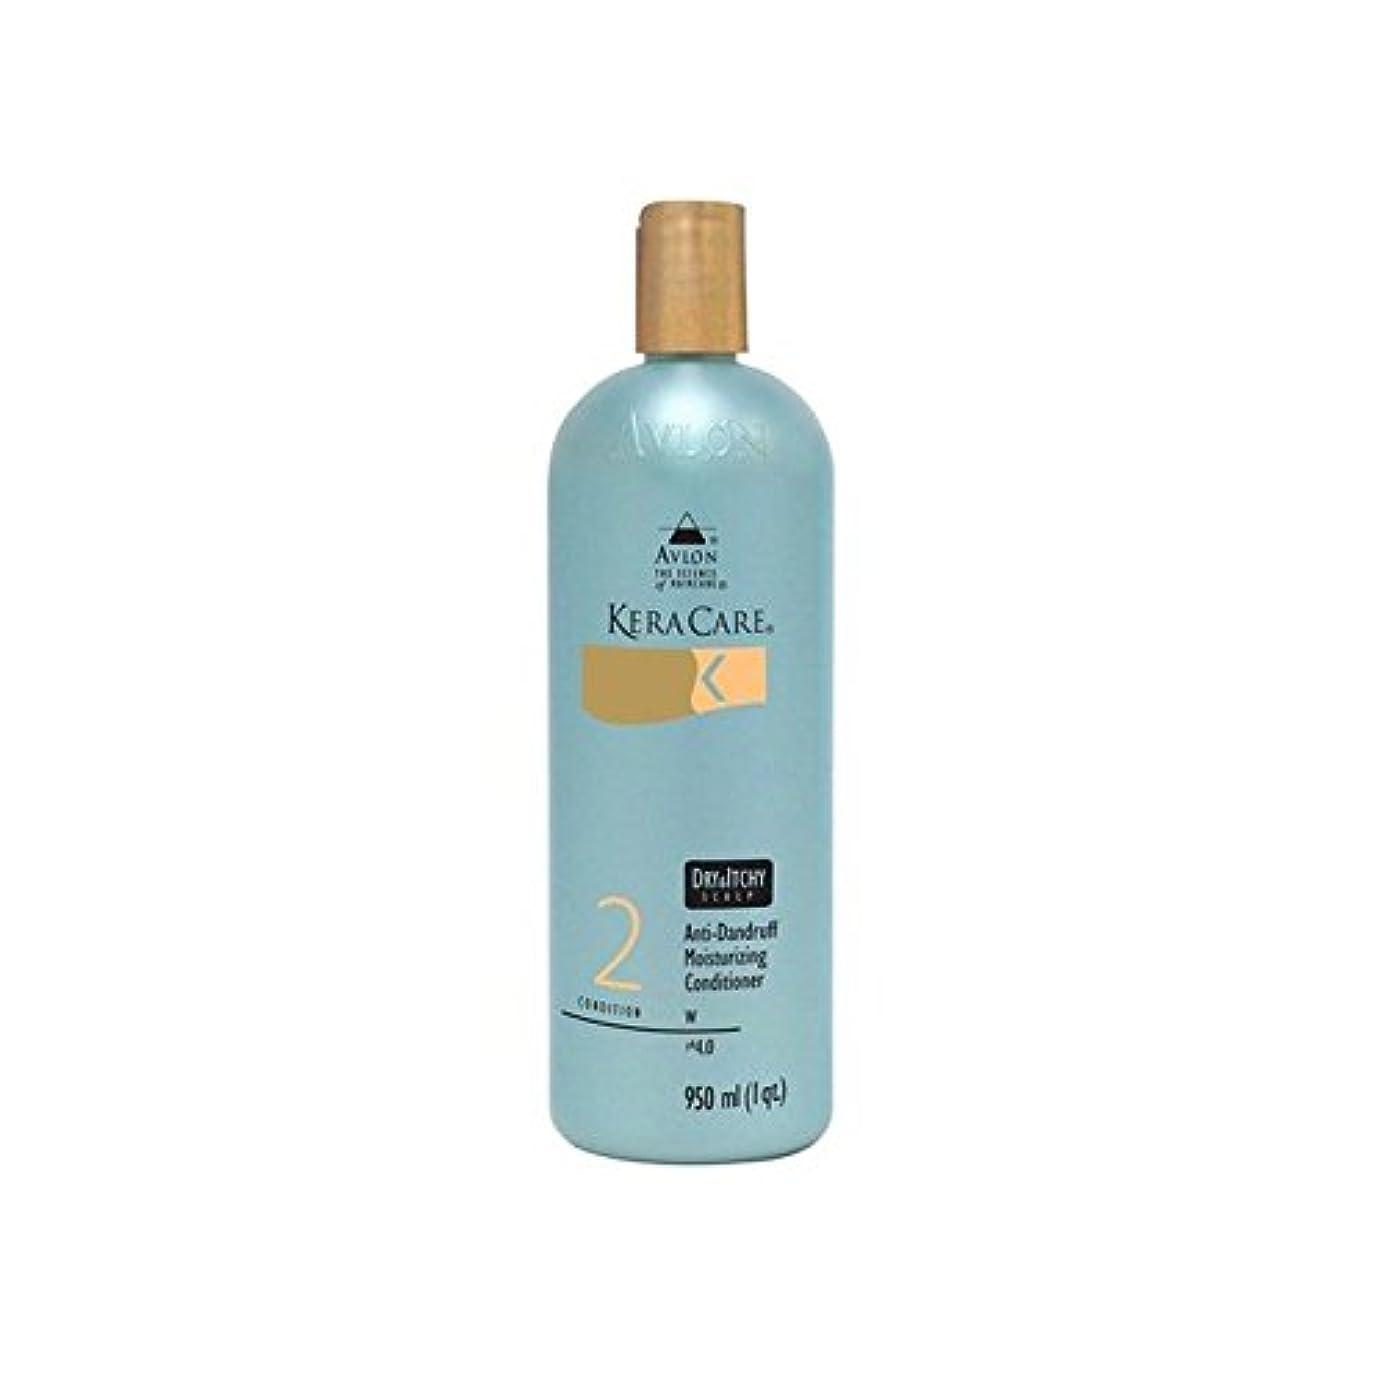 スペルペチコートショップKeracare Dry And Itchy Scalp Moisturizing Conditioner (950ml) - 乾燥やかゆみ頭皮の保湿コンディショナー(950ミリリットル) [並行輸入品]